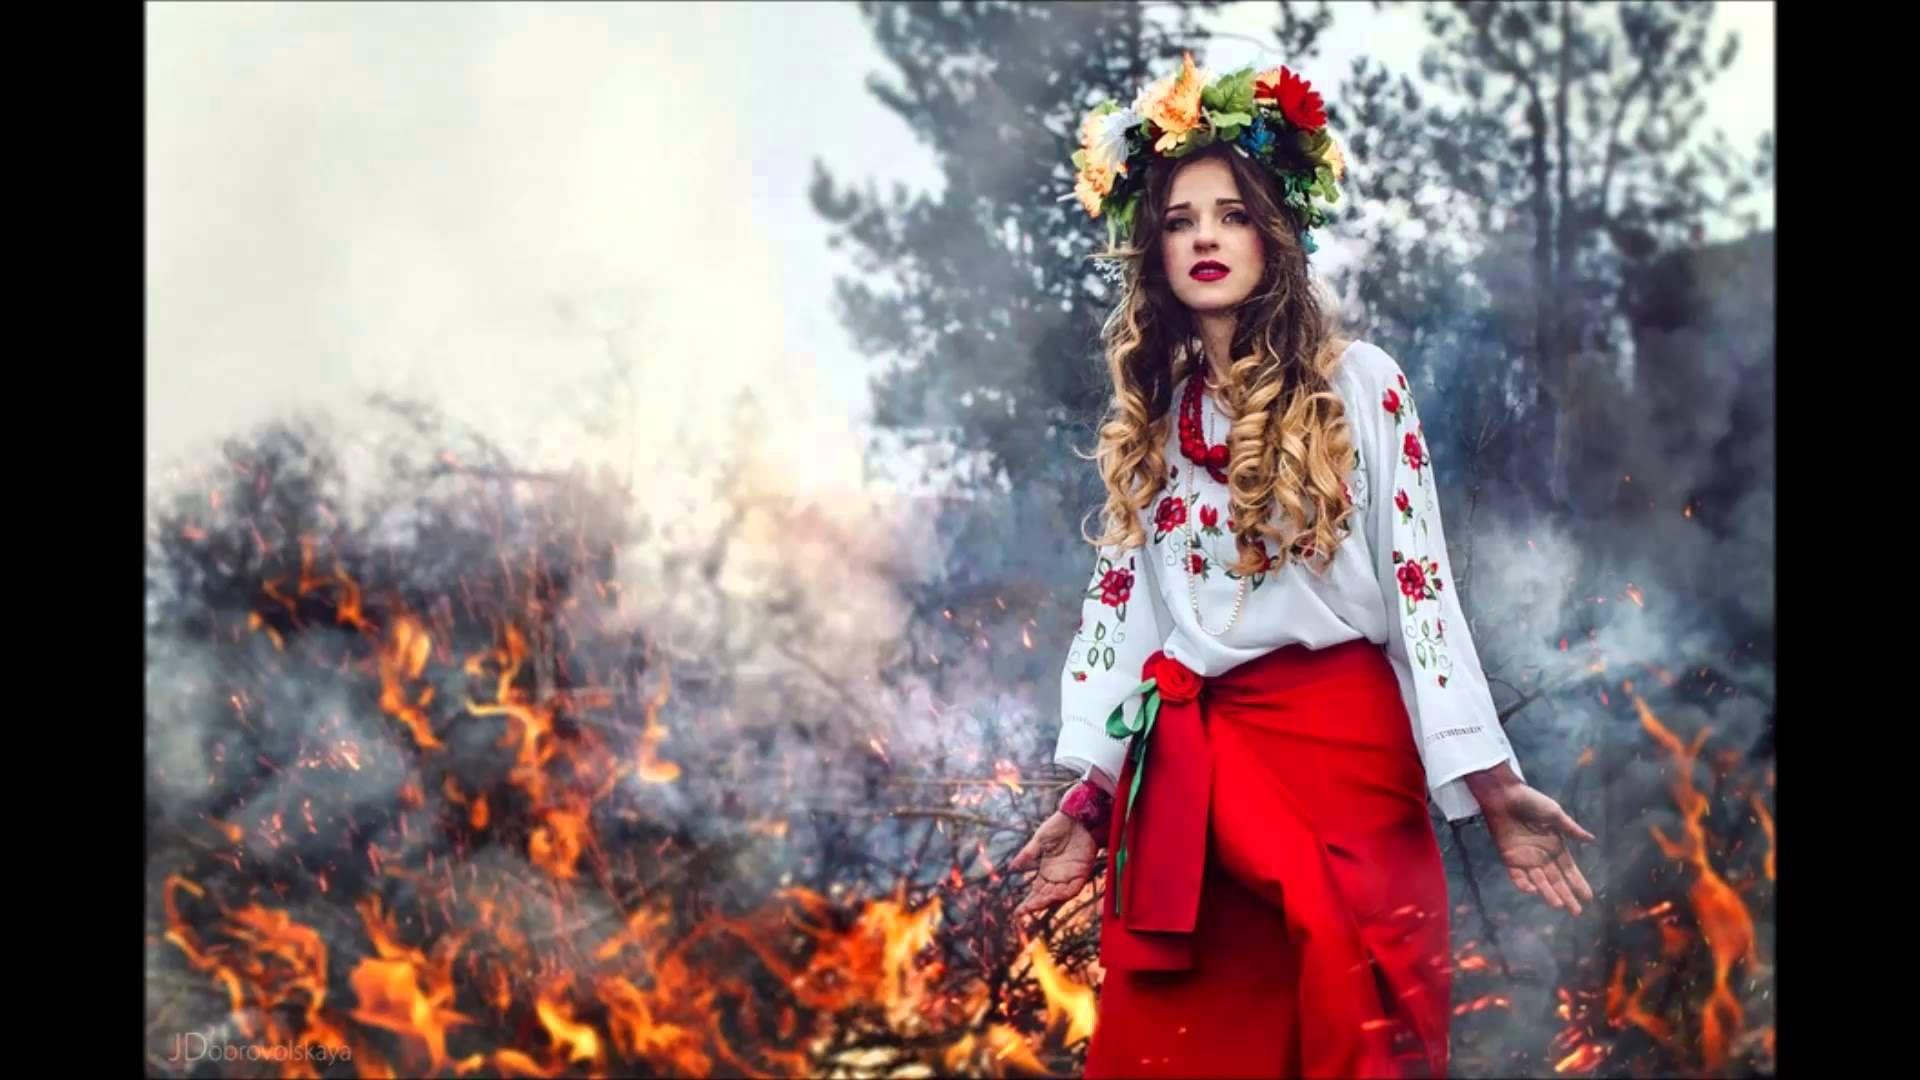 Народни писни украински фото 709-251